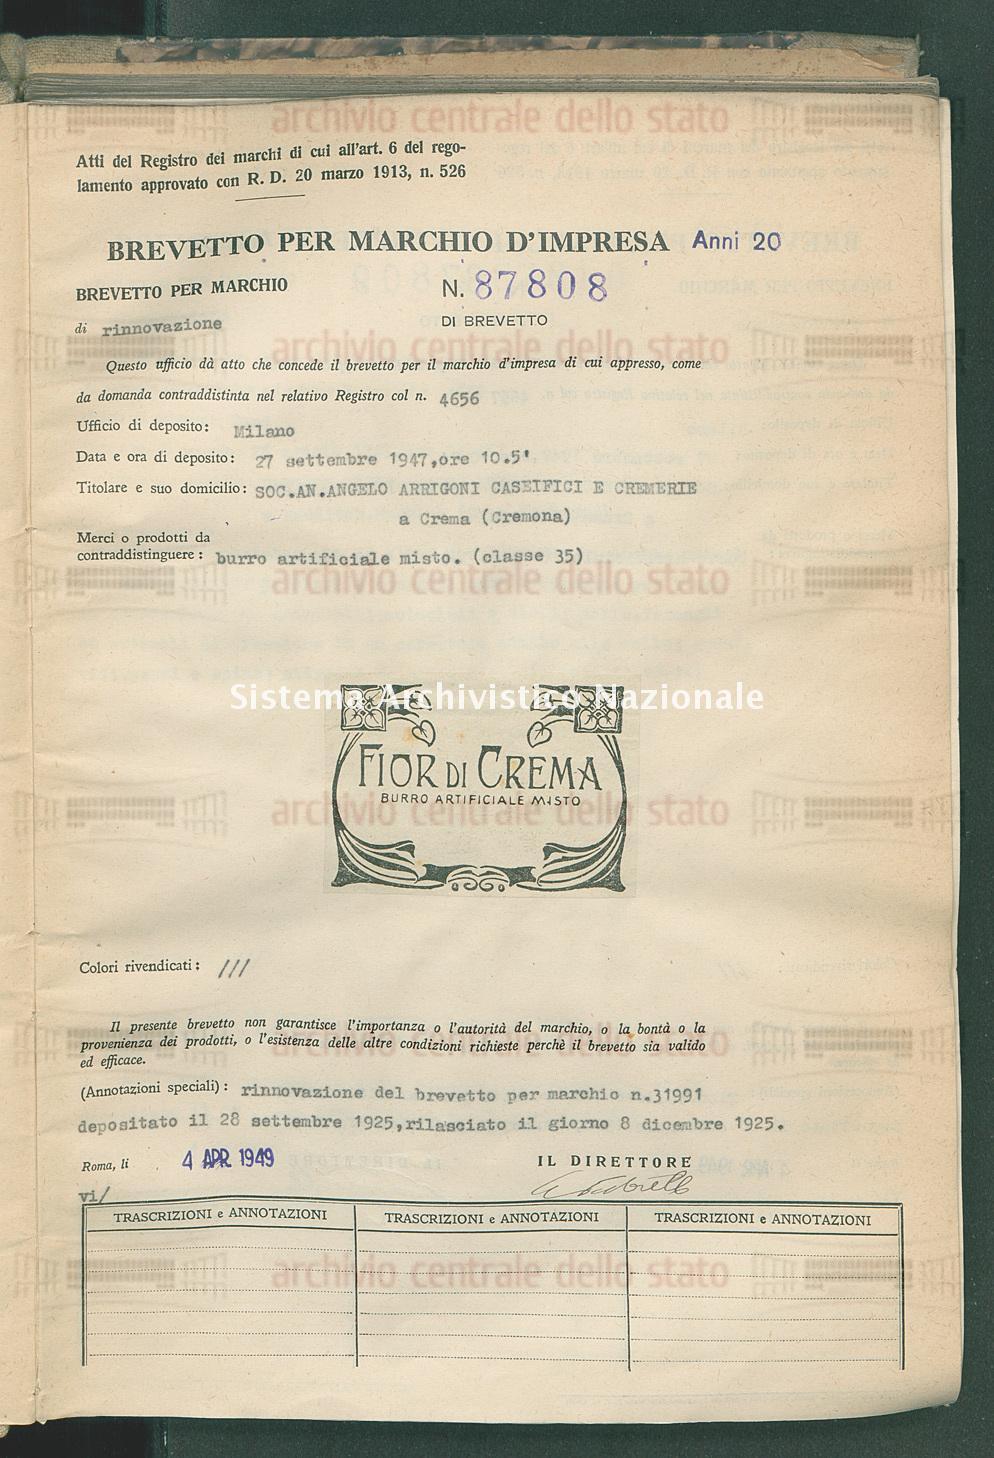 Burro artificiale misto Soc.An.Angelo Arrigoni Caseifici E Cremerie (04/04/1949)